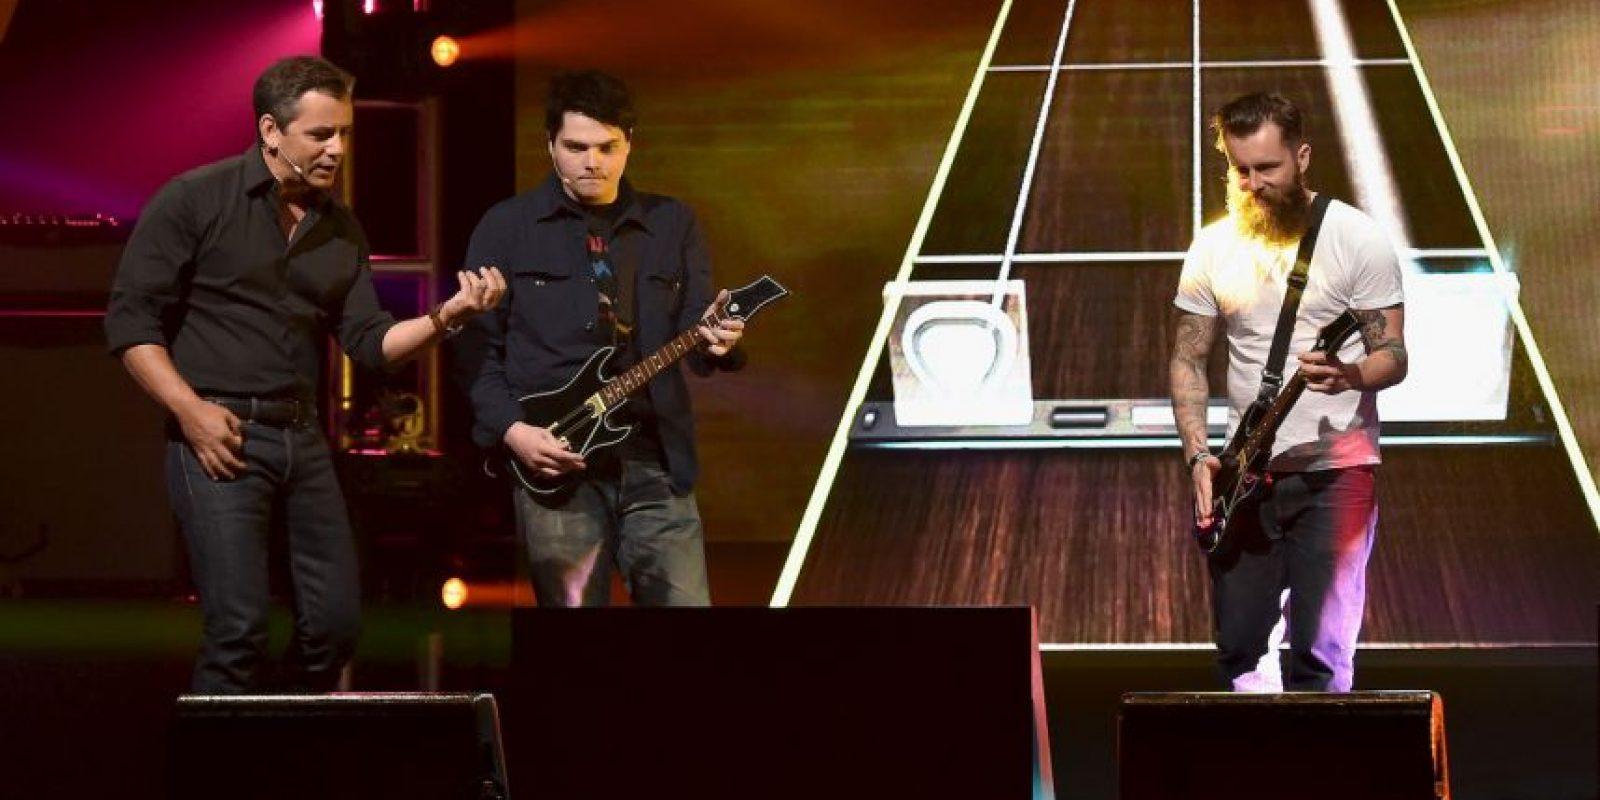 """Se presentaron invitados especiales como Gerard Way, guitarrista del grupo """"My Chemical Romance"""", quien toca junto a Jamie Jackson. Foto:Getty Images"""